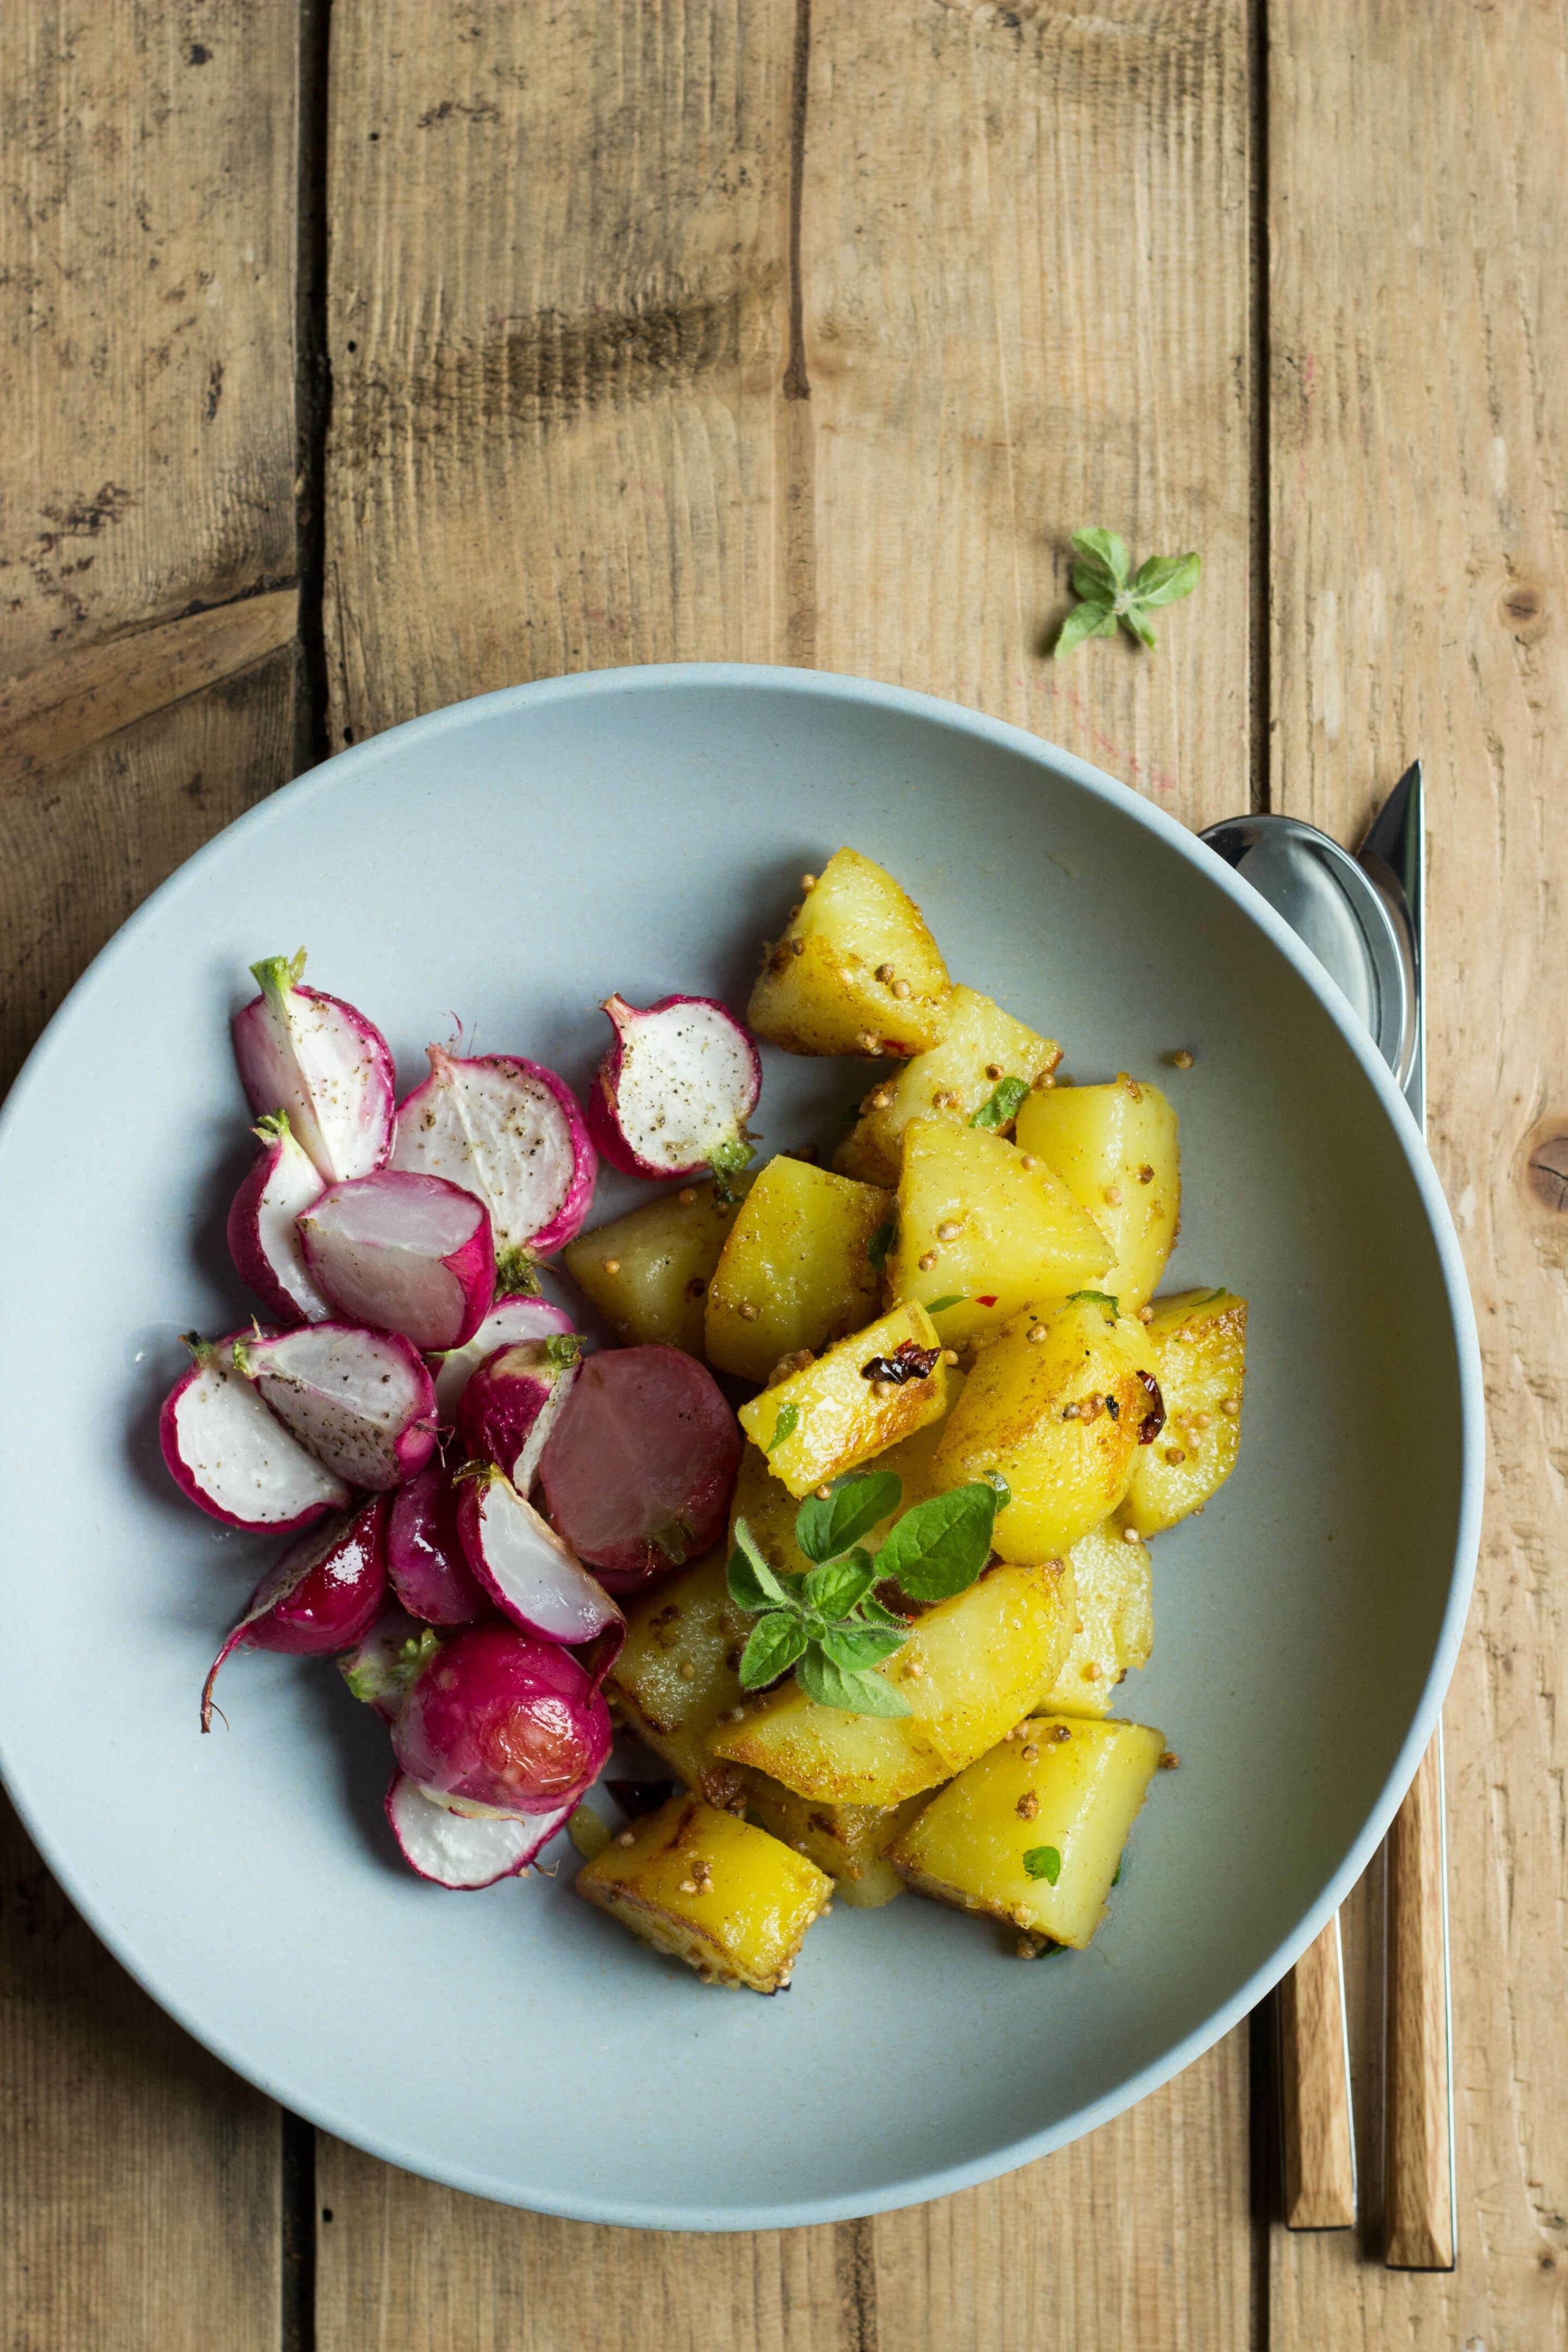 Ofengeröstete Radieschen mit Koriander-Kartoffeln oder ja, Radieschen gehen auch warm